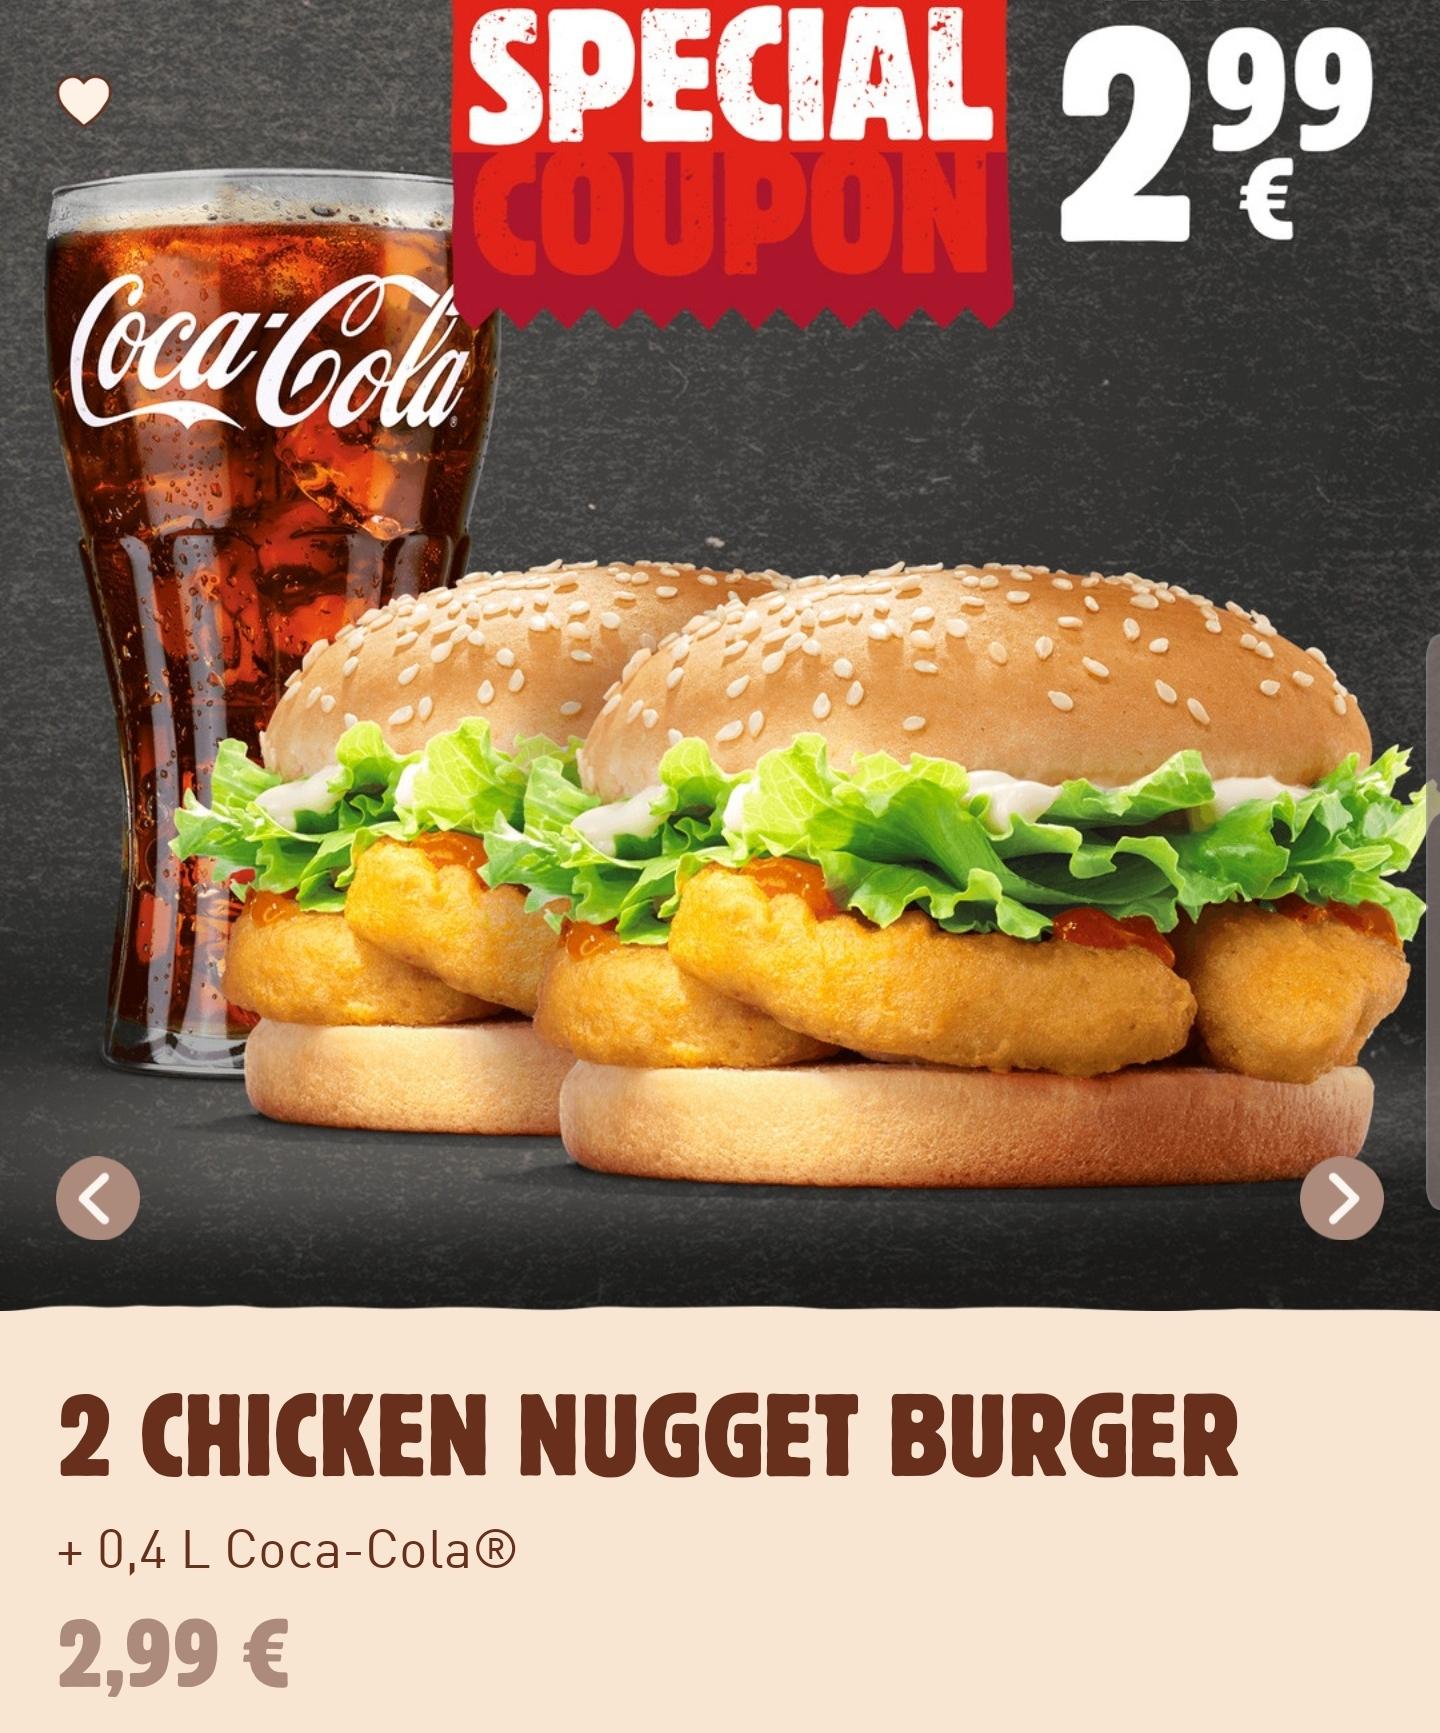 2x Chicken Nugget Burger + 0,4L Getränk für 2,99€, Cripsy Chicken Menü für 3,99€ o. Cheesburger für 1€ (Burger King)